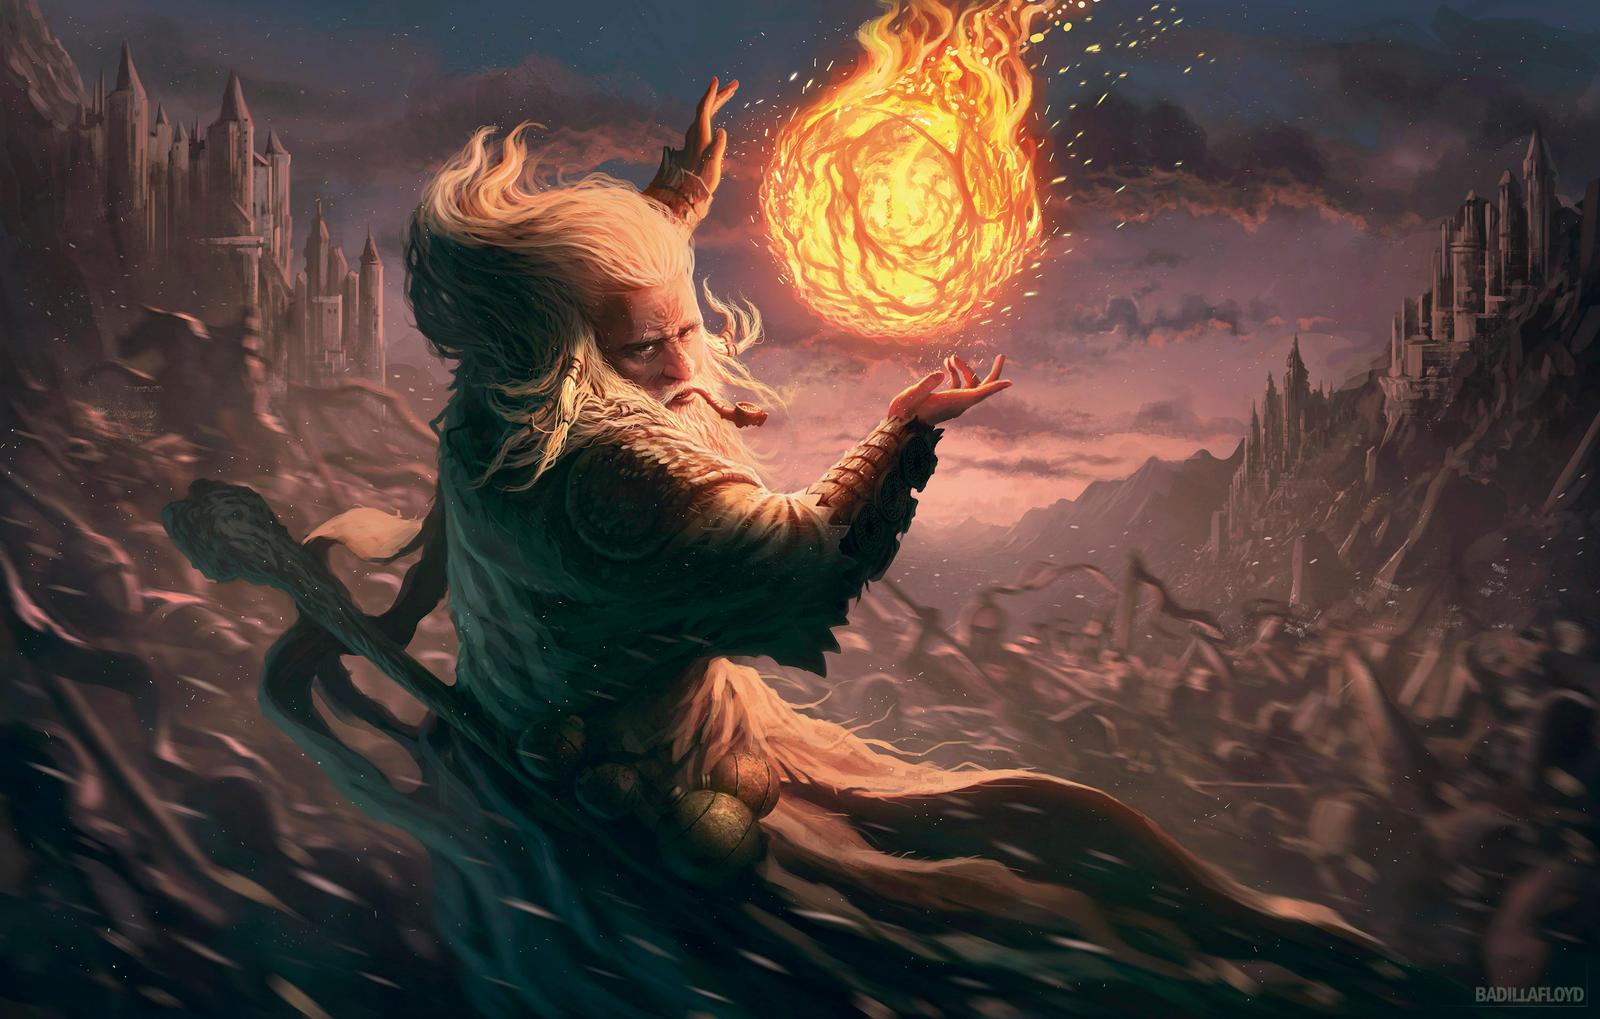 Bola de fuego - MyL by badillafloyd